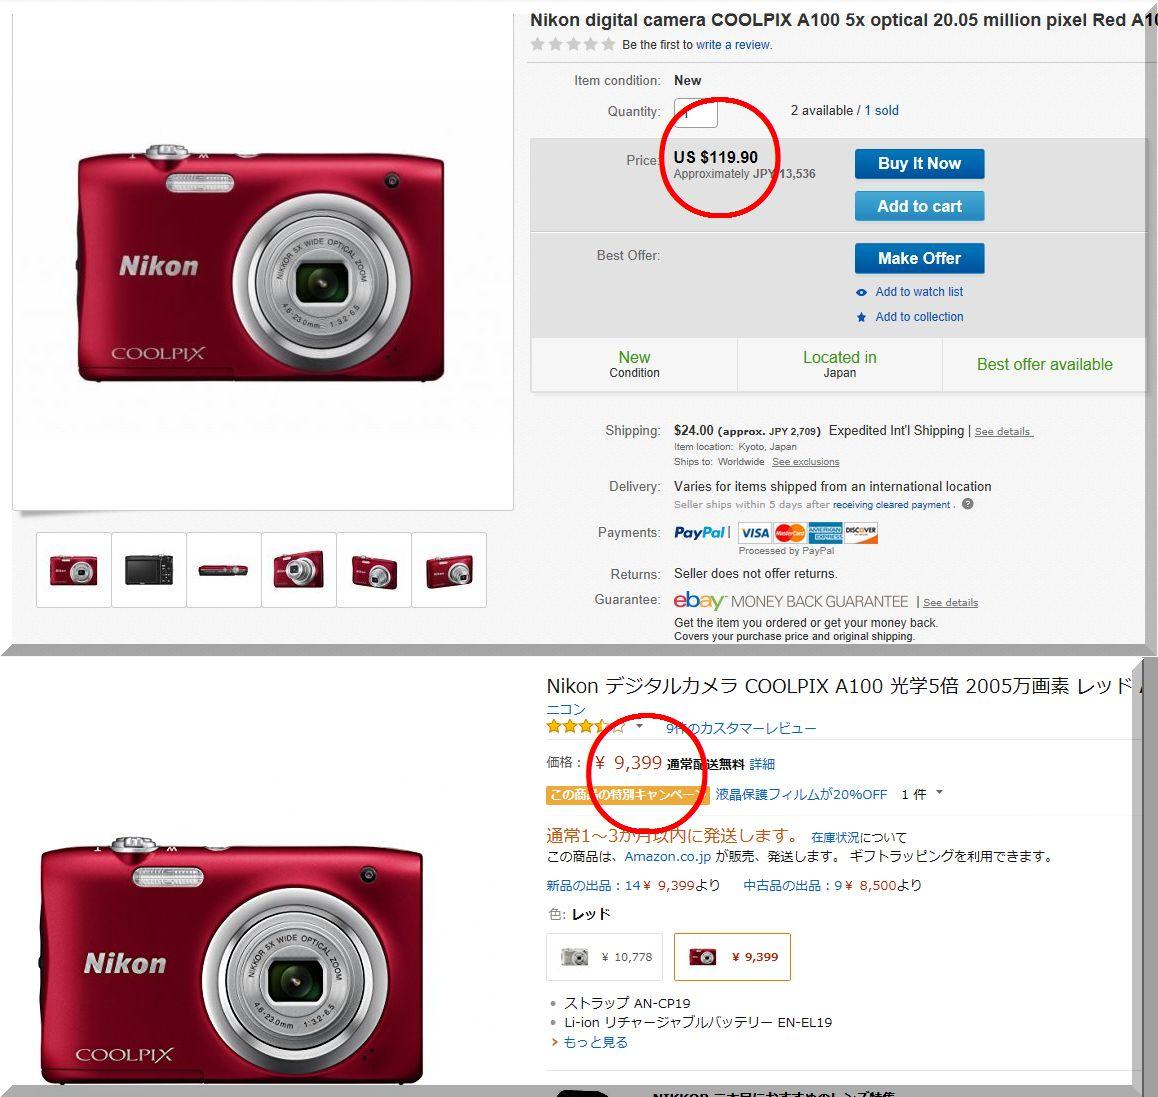 【eBay輸出】新品無在庫カメラのリサーチ動画《利益14,605円》